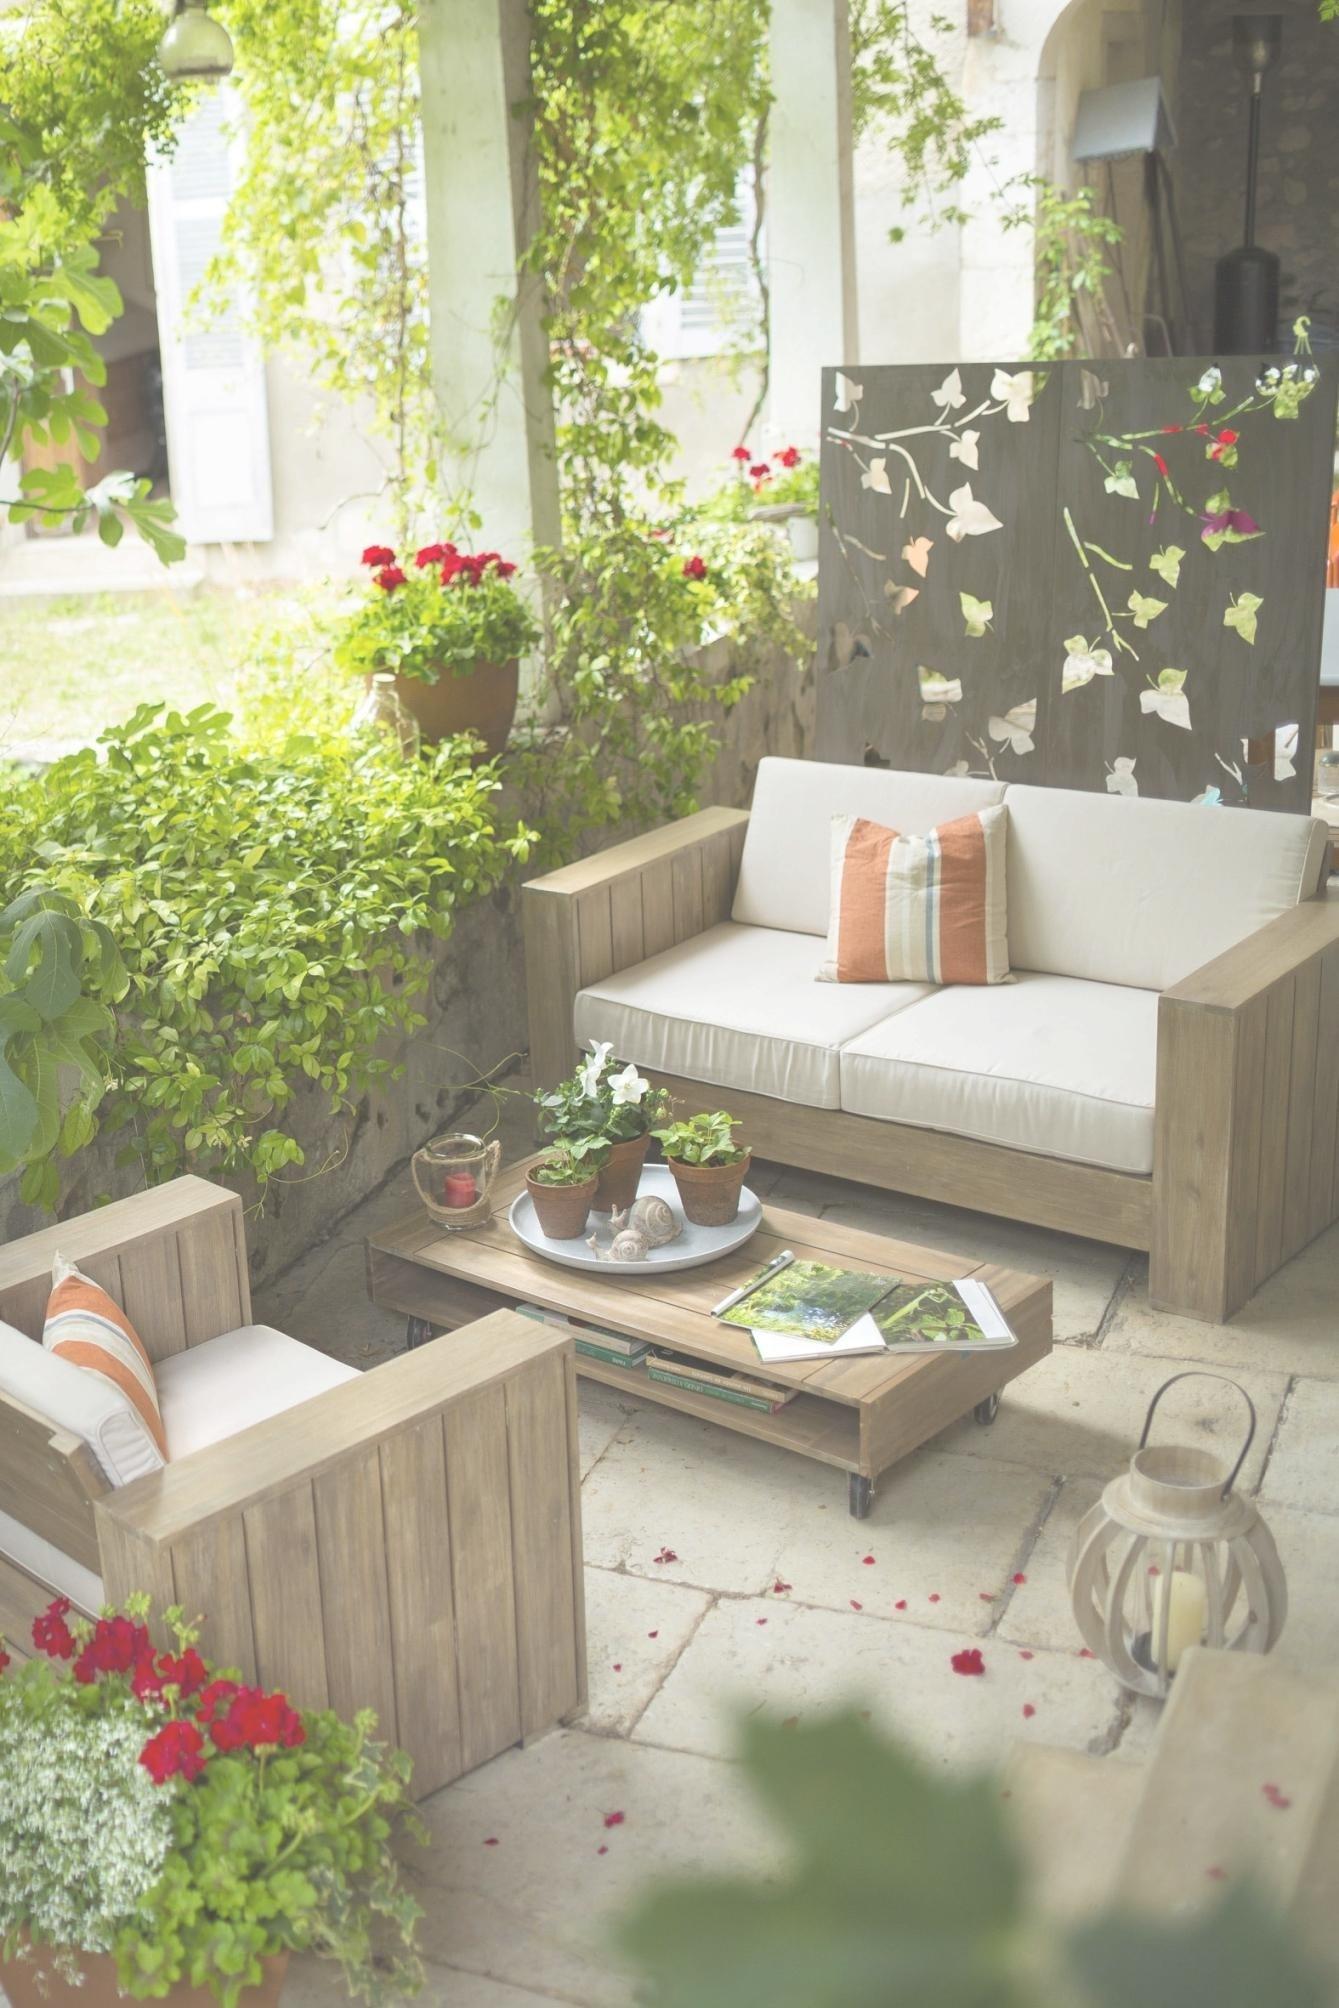 Salon de jardin en teck botanic - Mailleraye.fr jardin